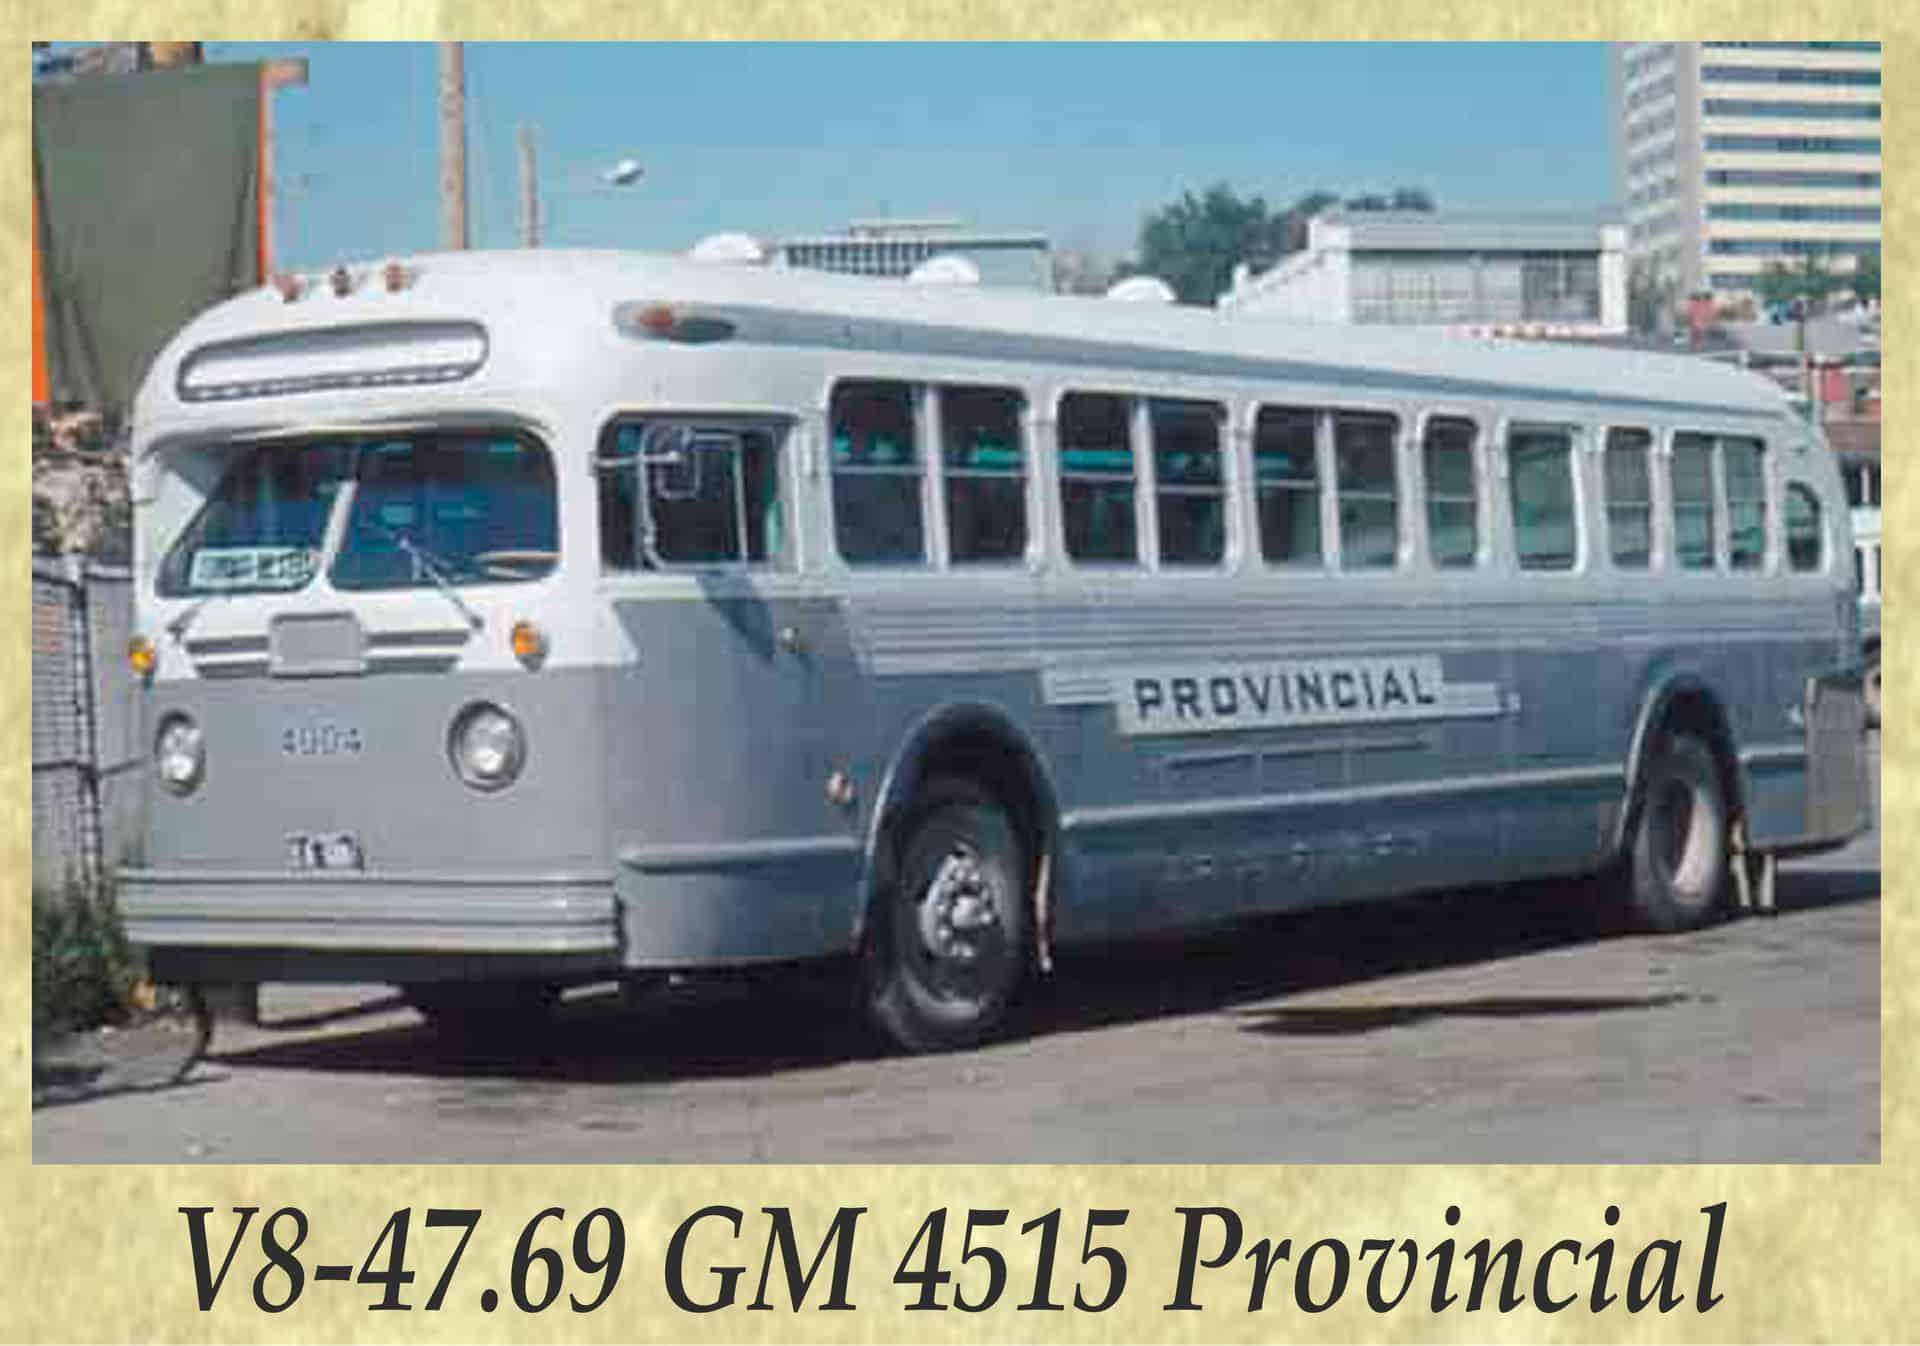 V8-47.69 GM 4515 Provincial